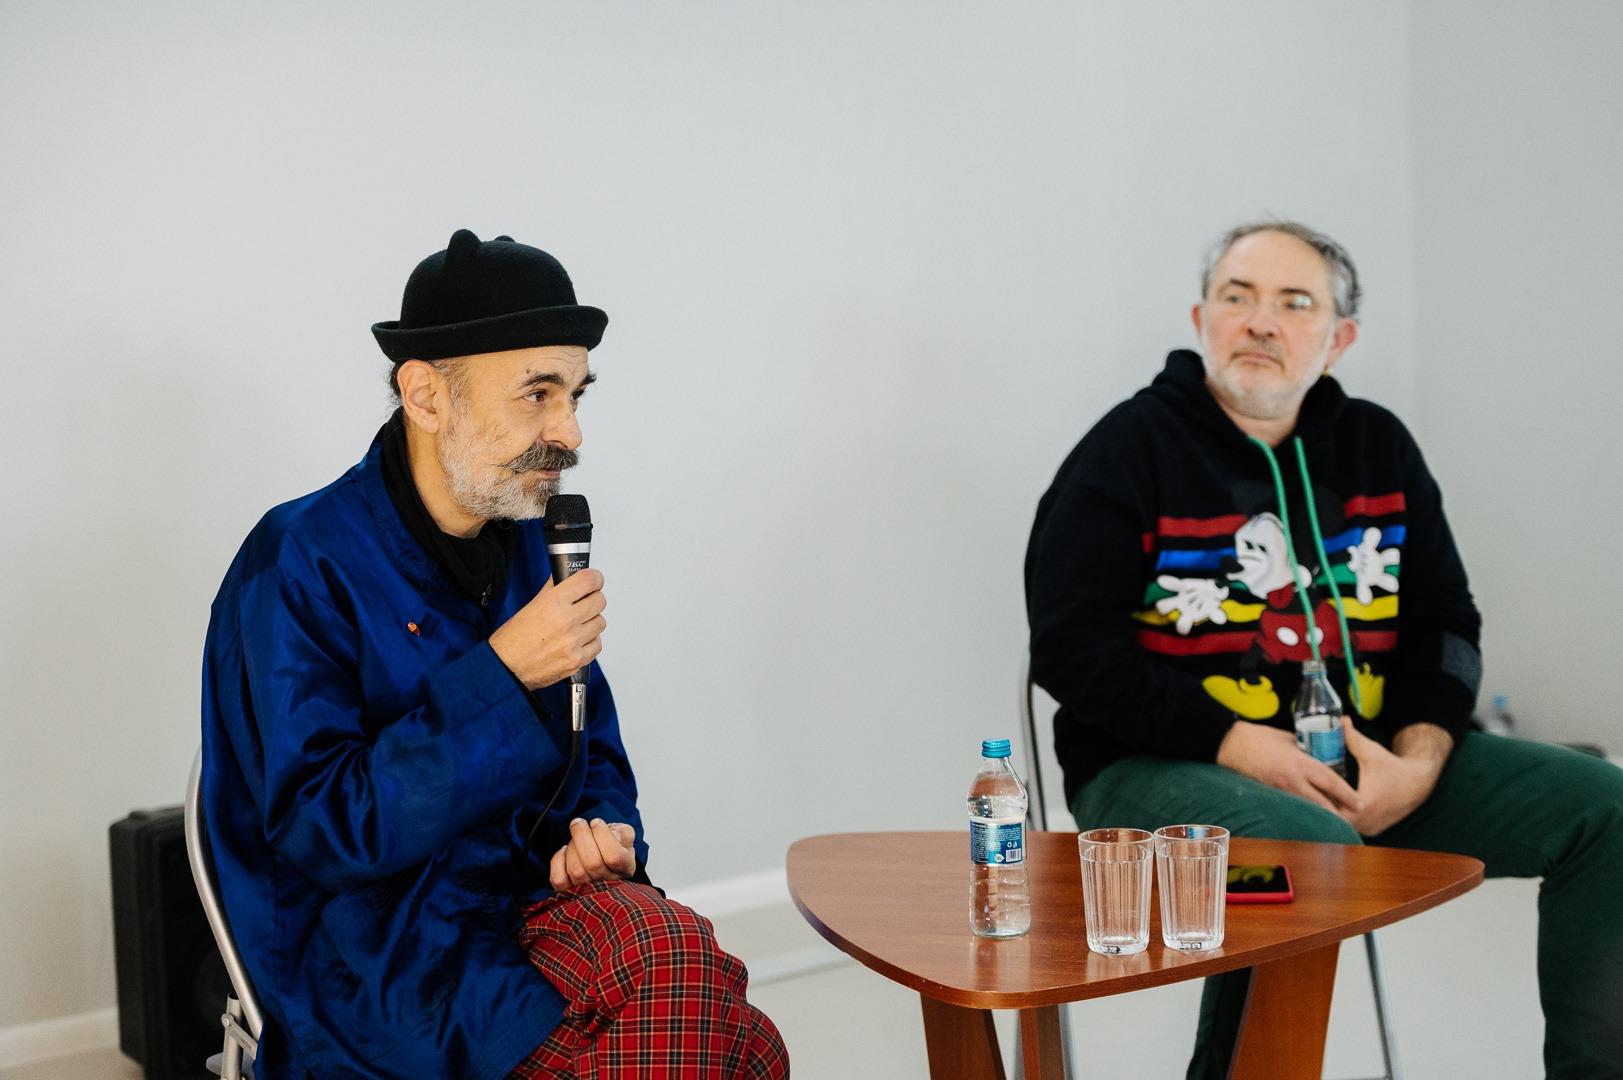 Беседа Марата Гельмана и Сергея Ануфриева: от культурного ландшафта к полной периодической таблице искусств